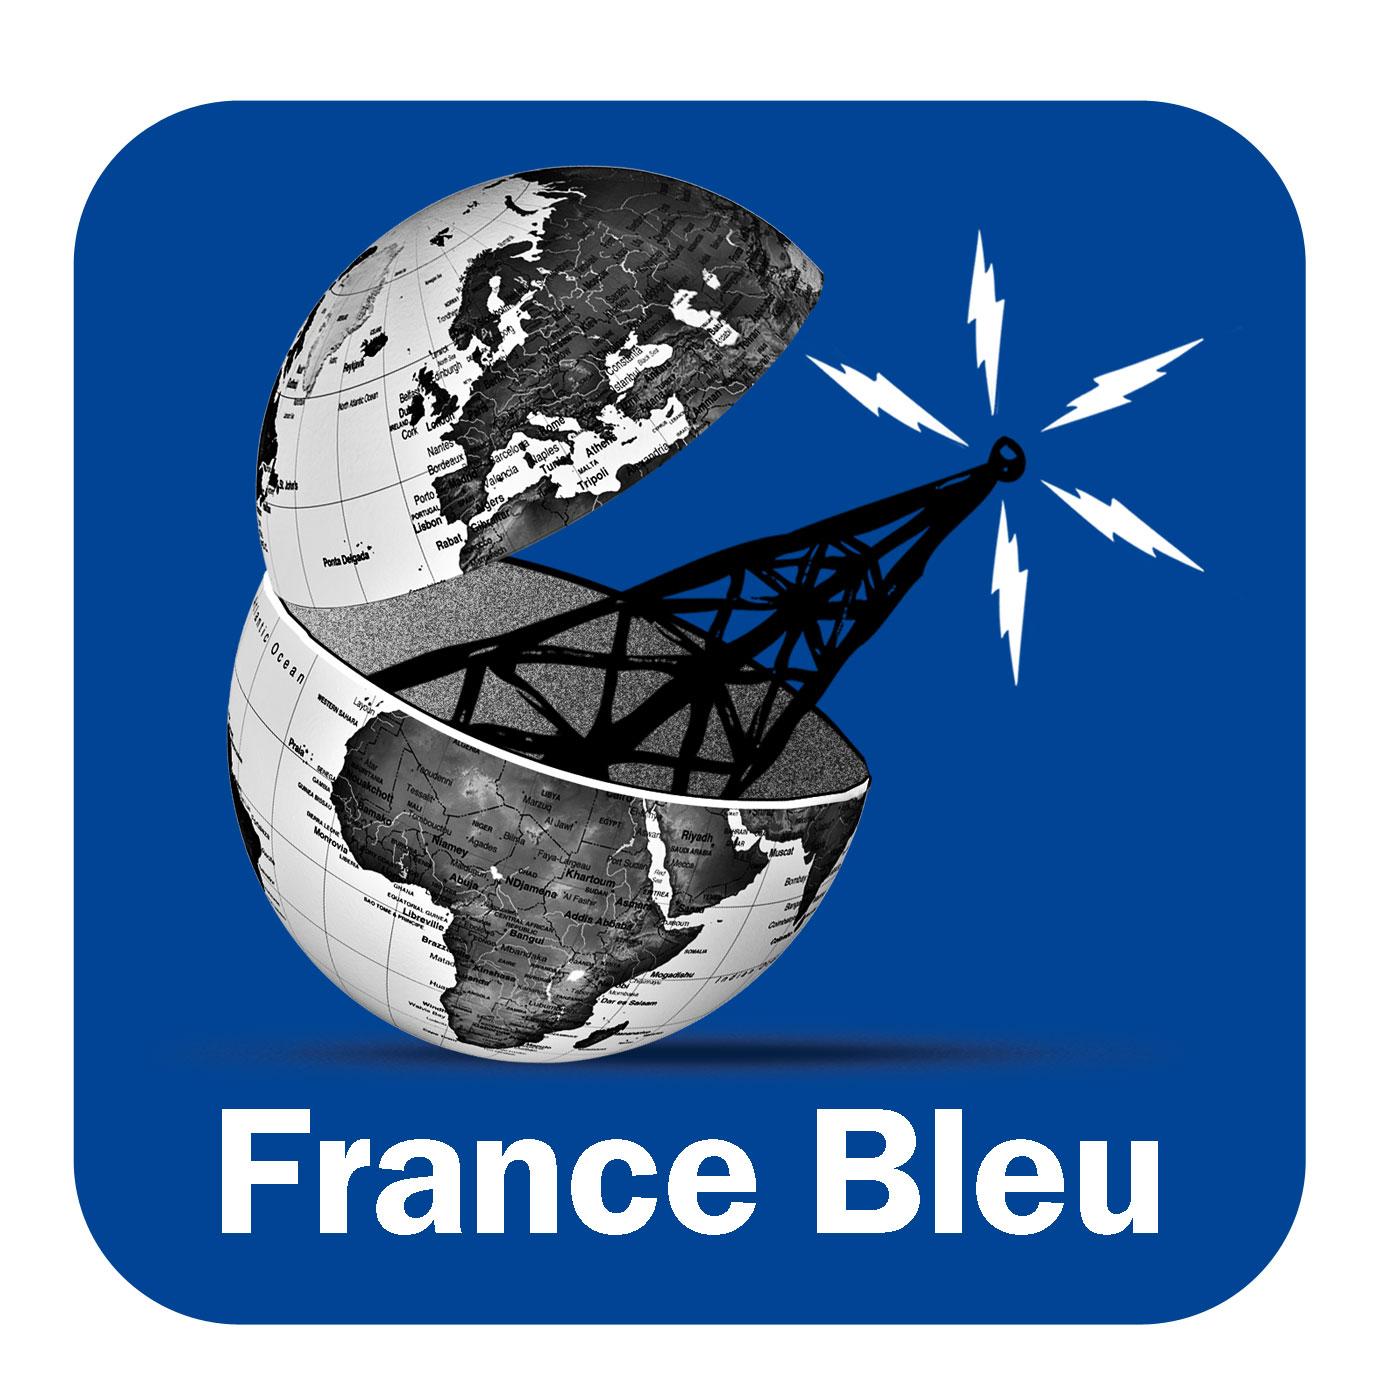 Le coin de ciel bleu France Bleu Picardie